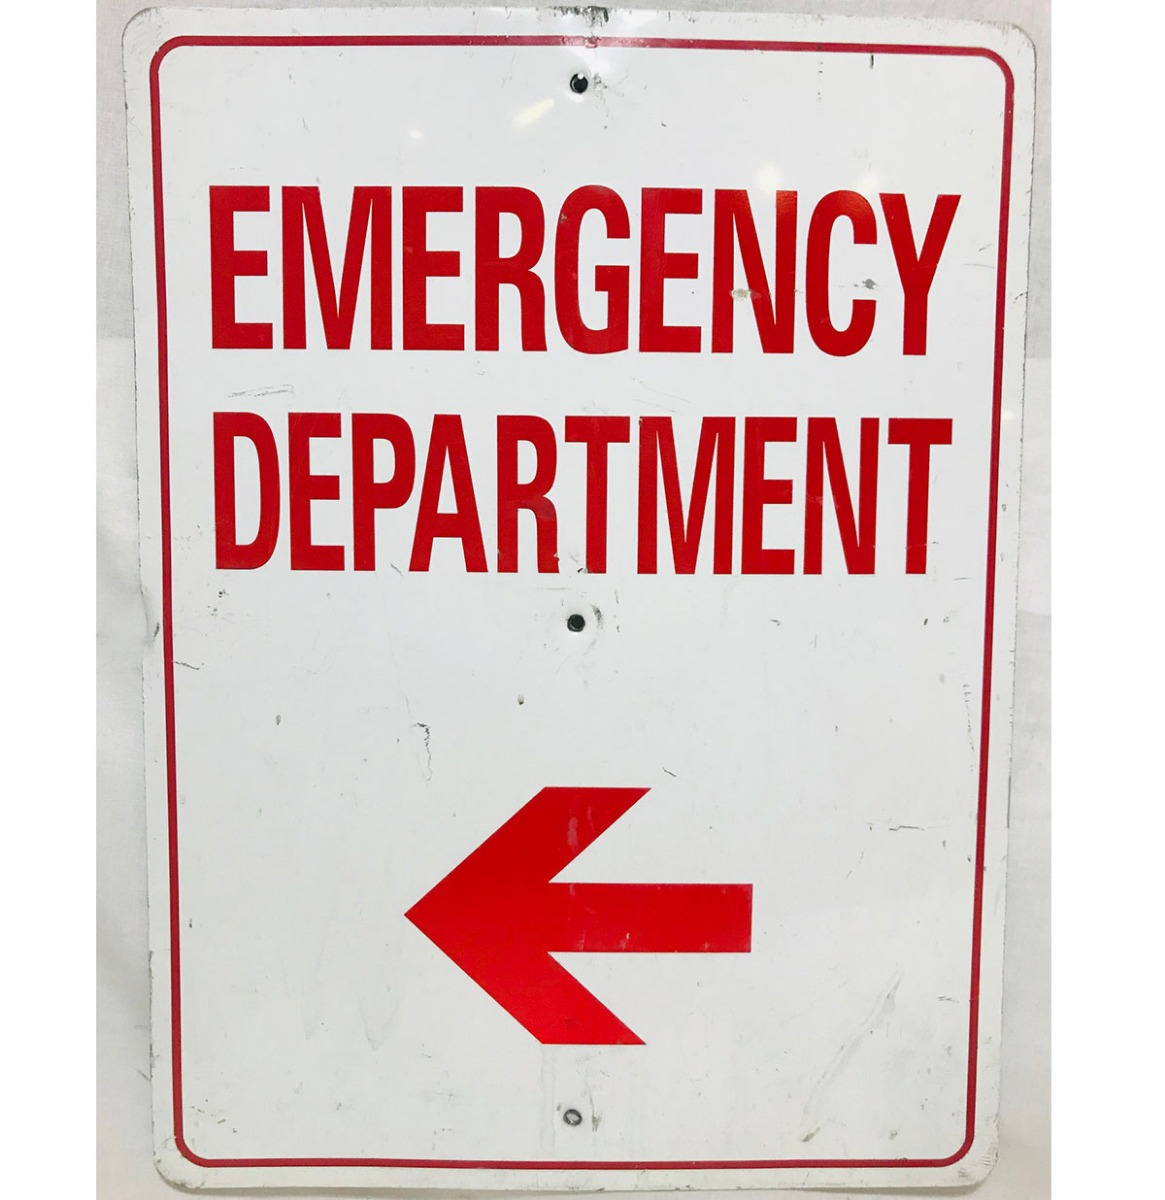 Emergency Department Straatbord - Origineel